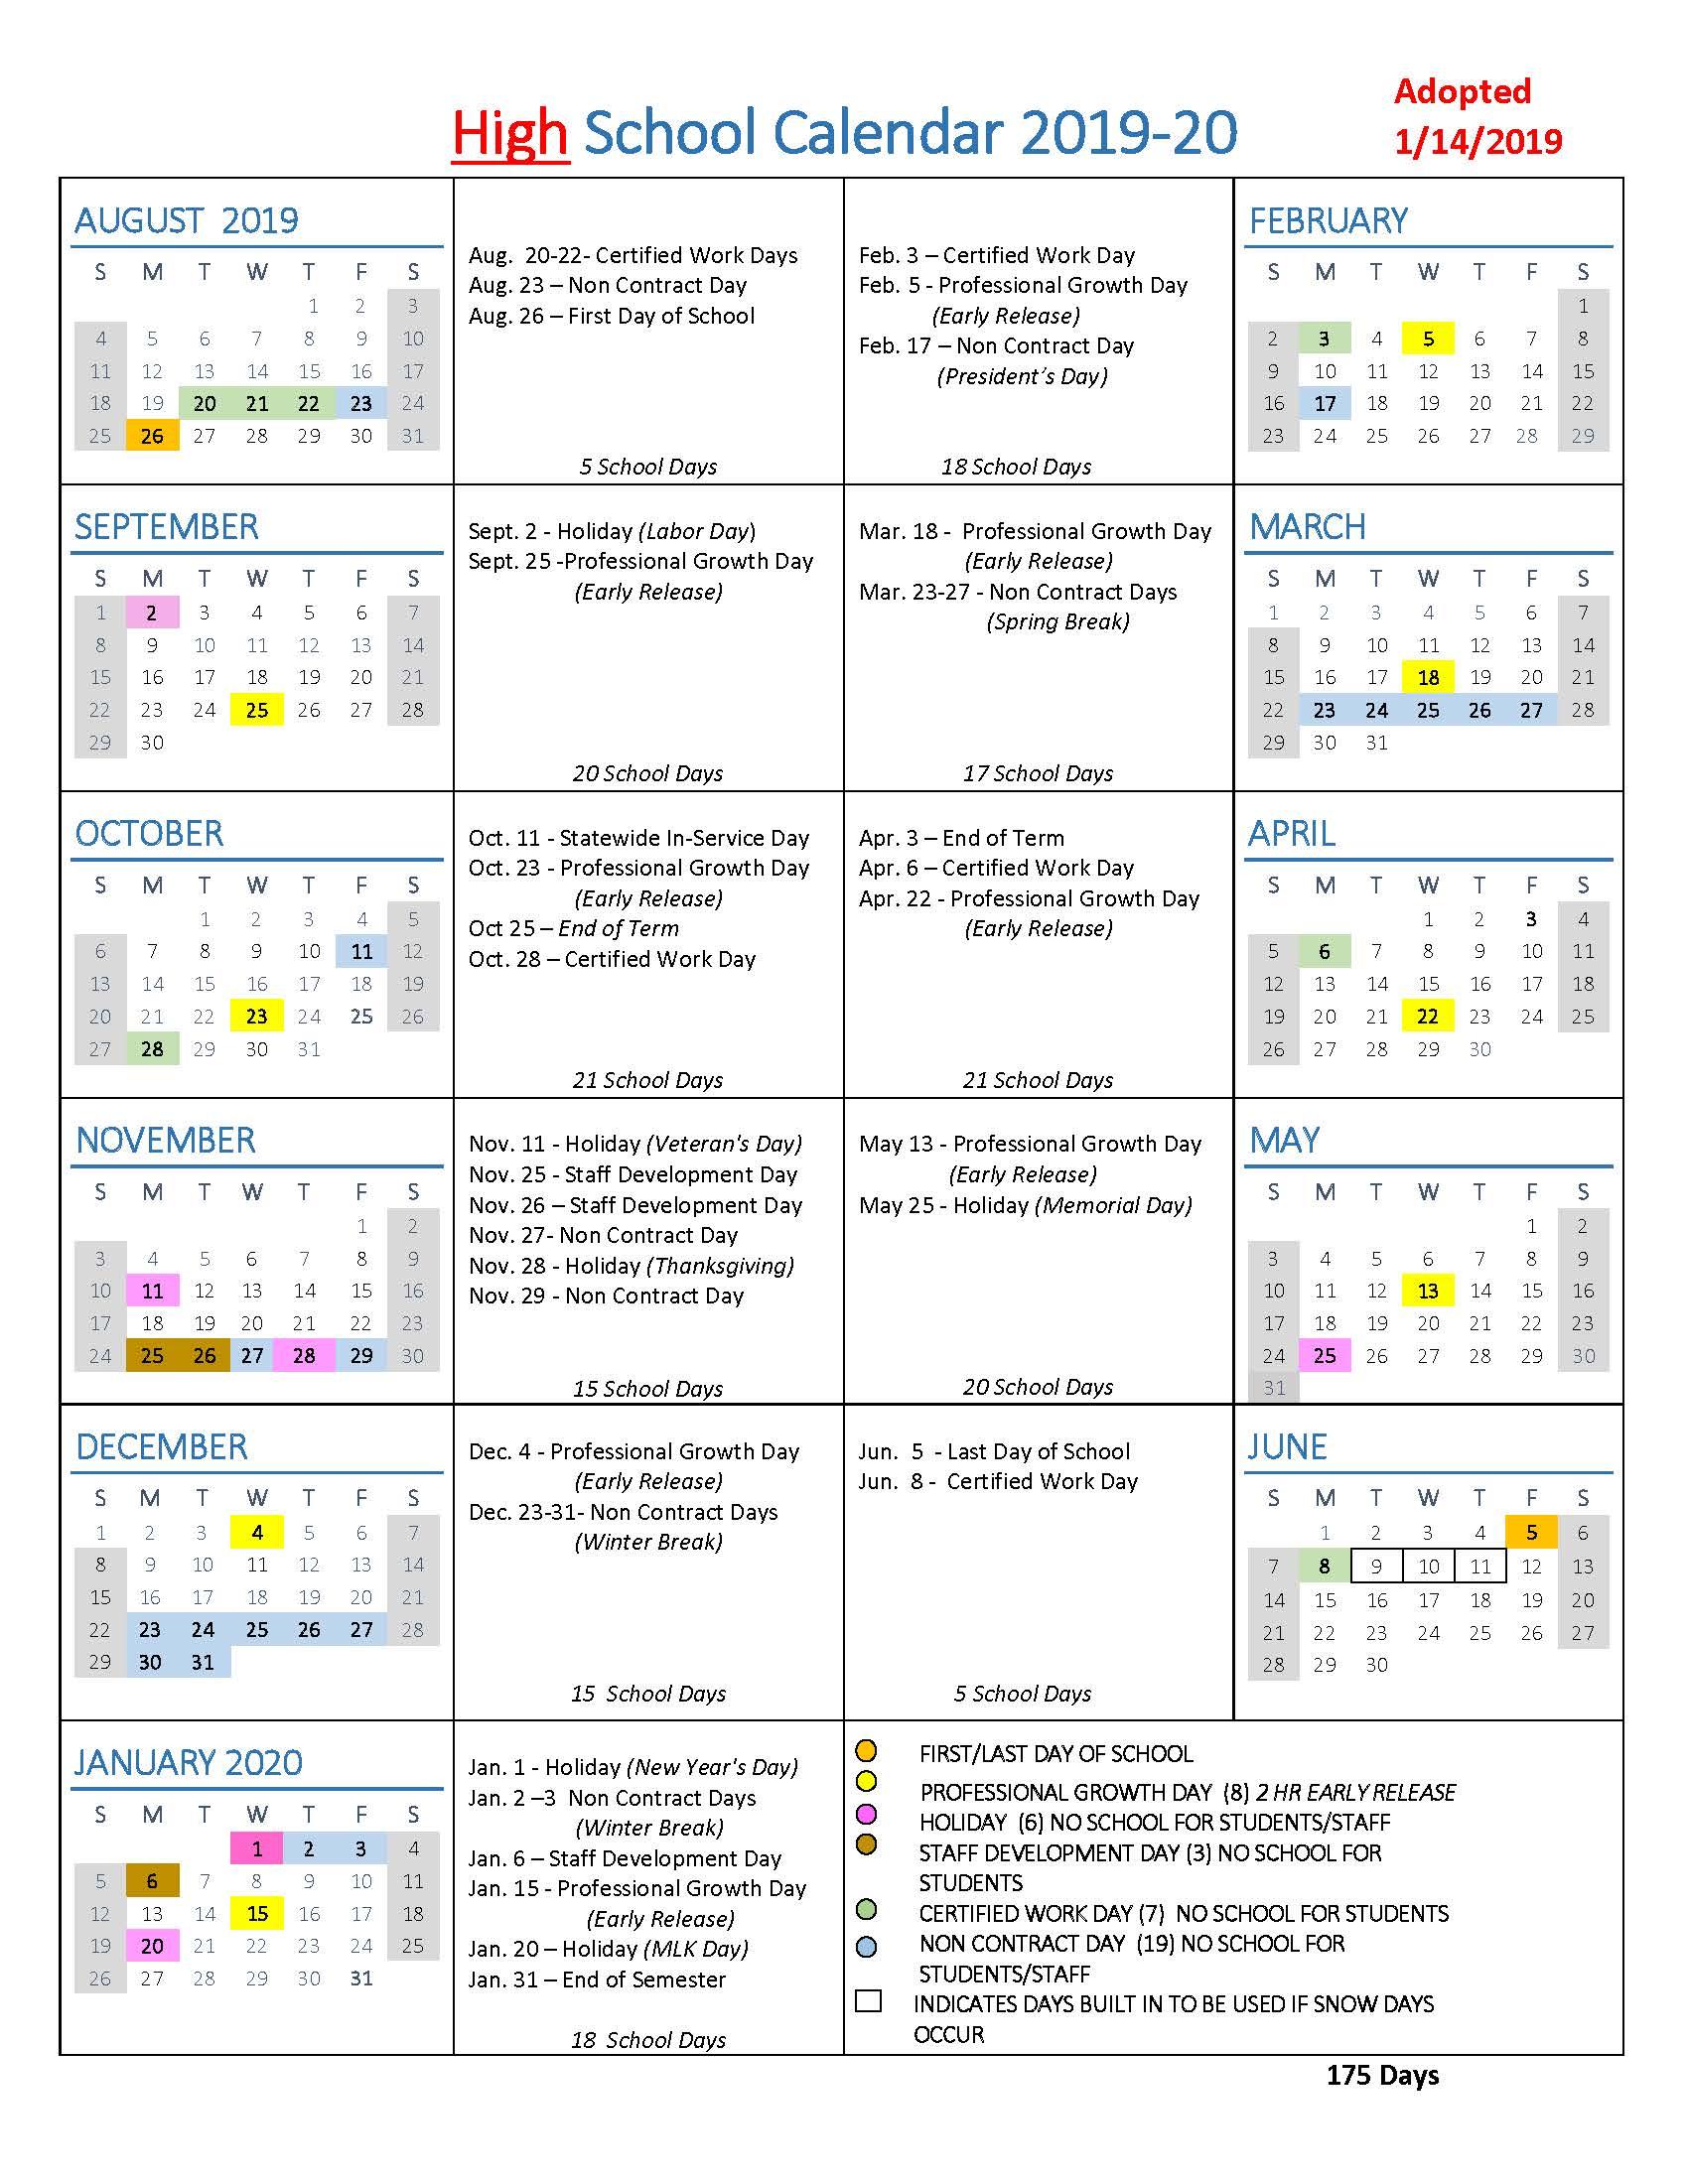 Public School Calendar 2016-2020 School Year Calendars / WLWV School Calendars